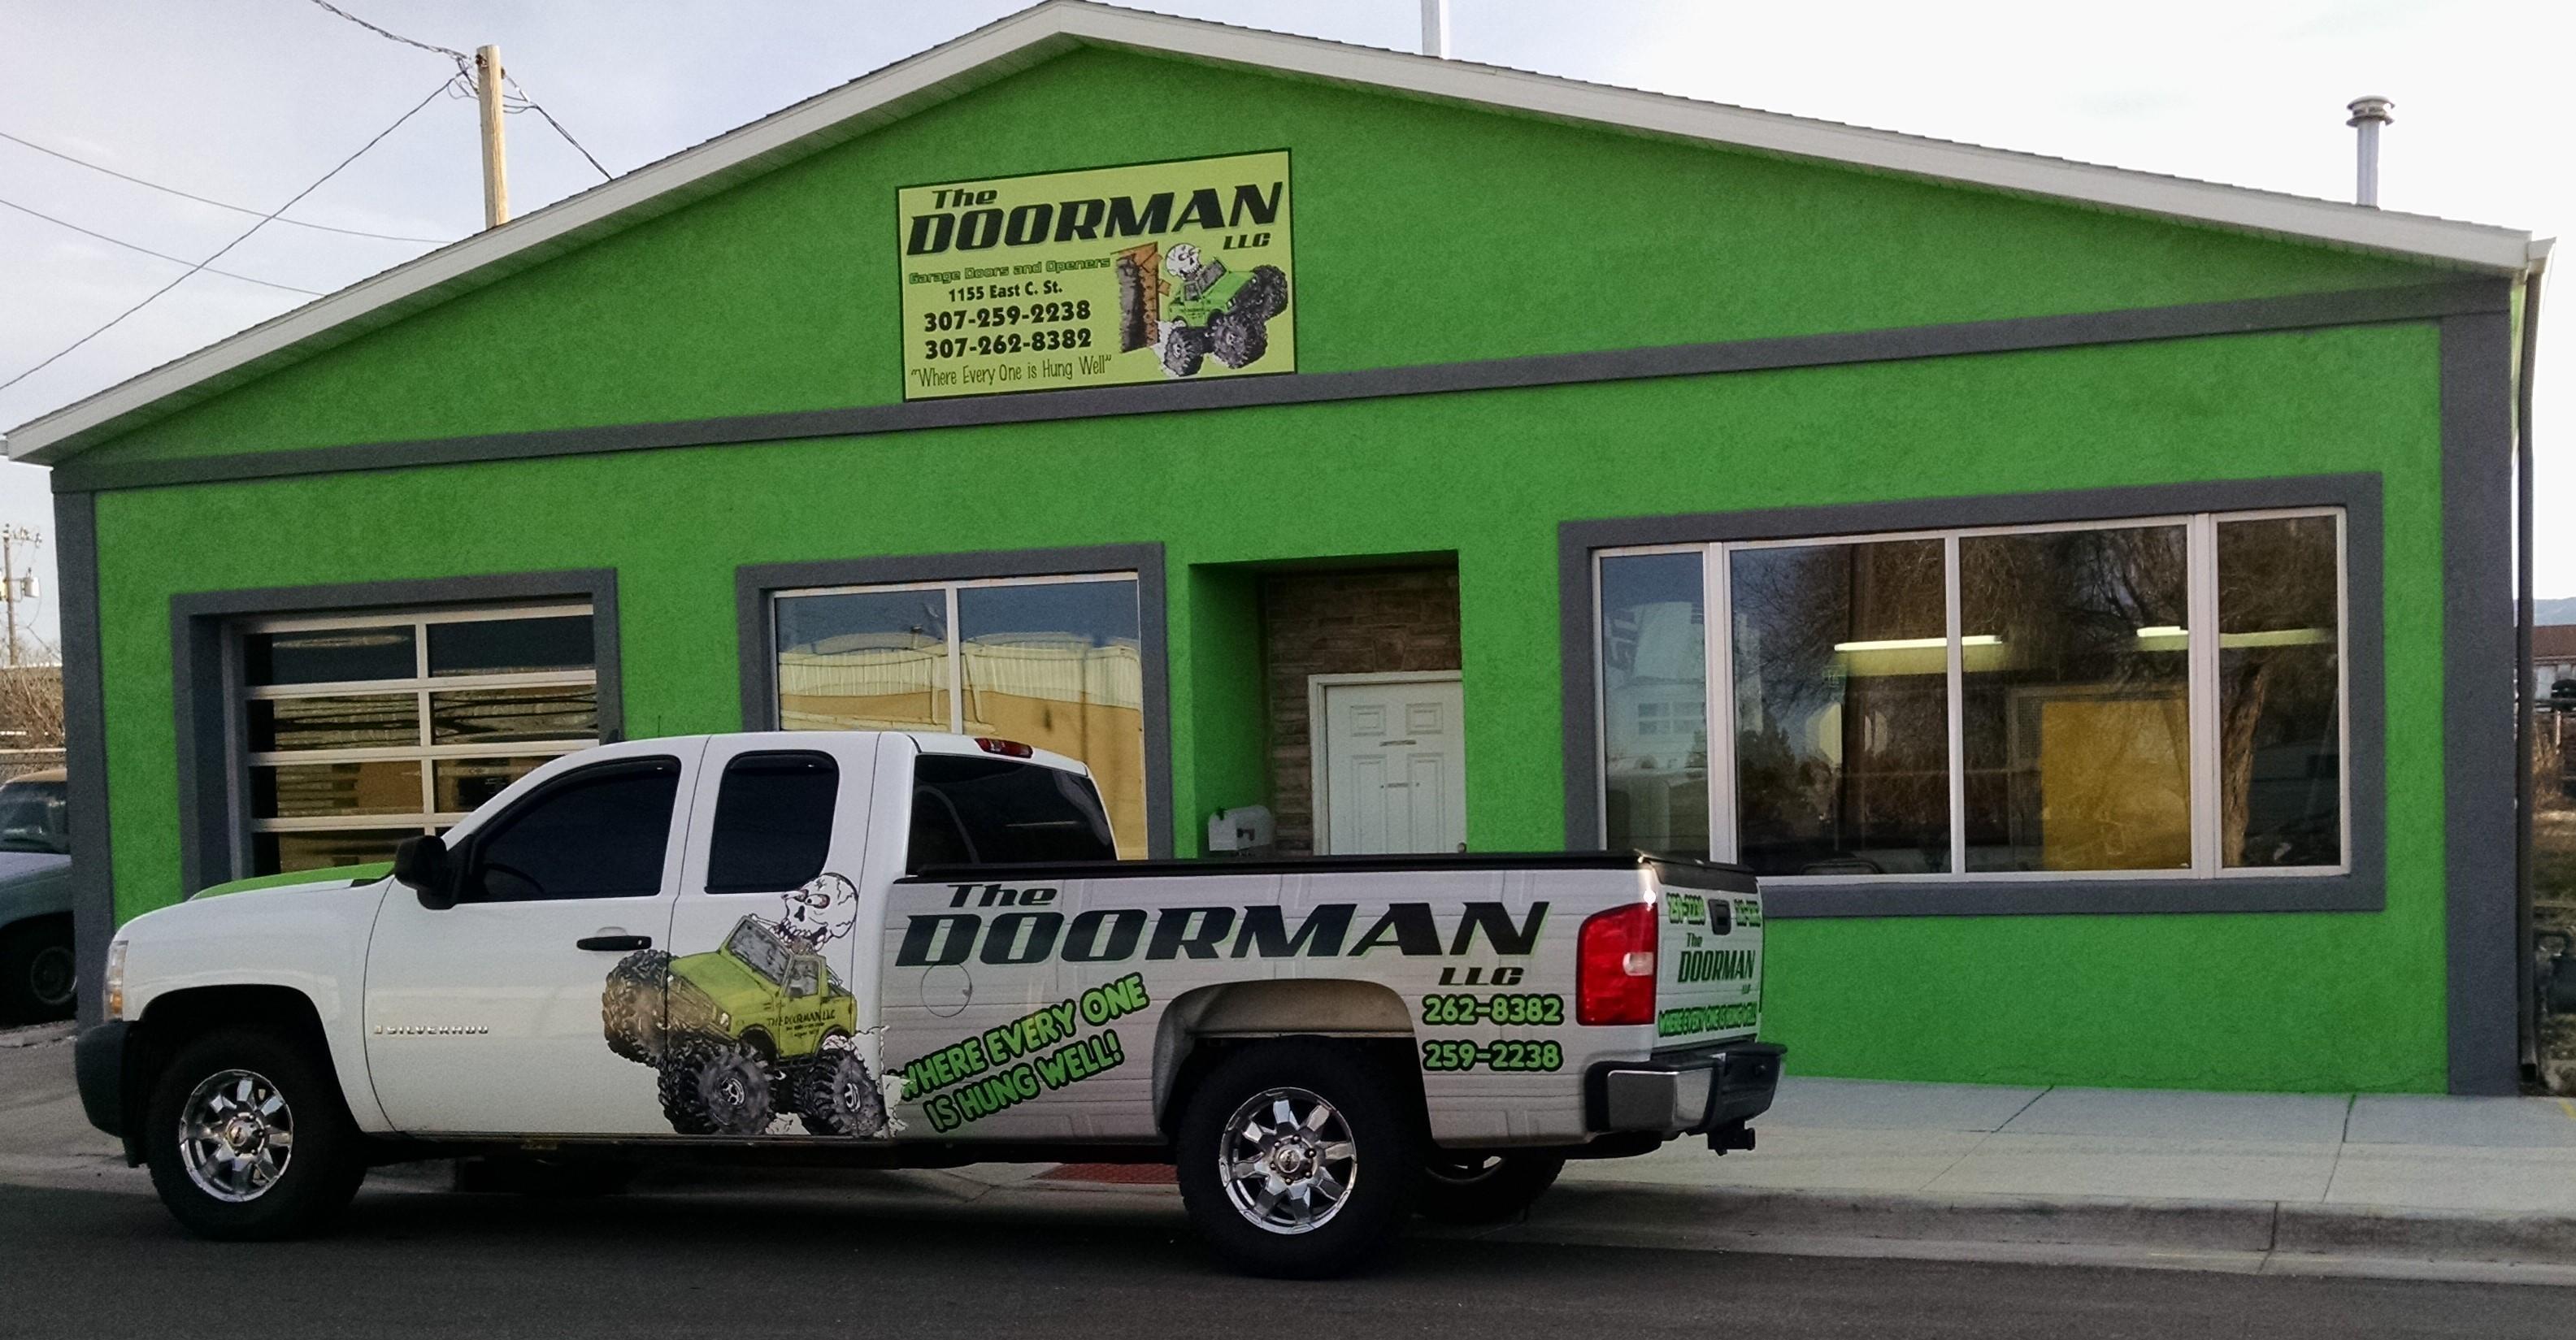 The Doorman image 1